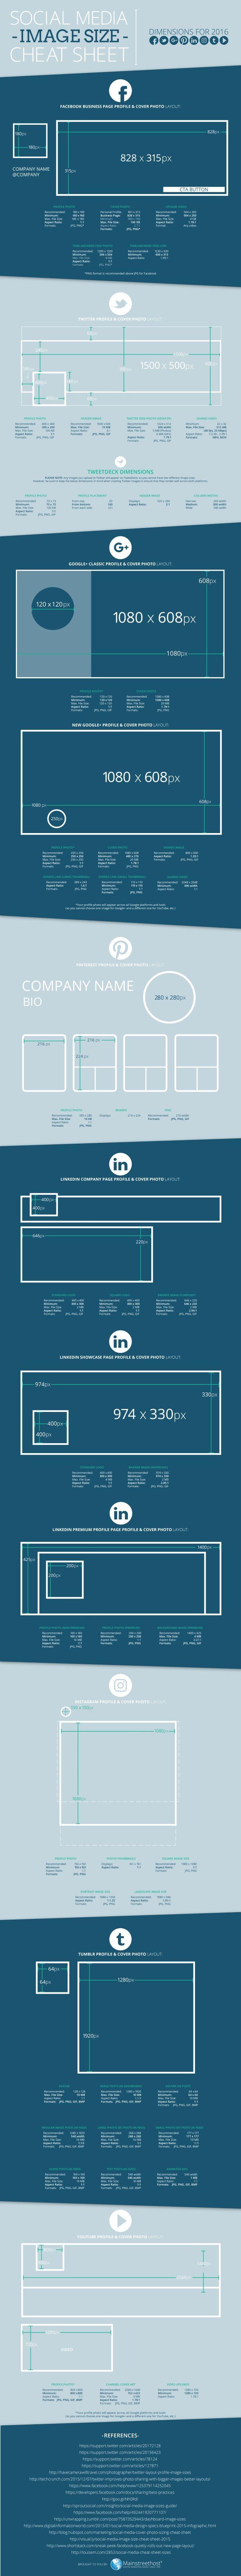 Tamanhos de imagens para Redes Sociaisl 2016 | Social Media Image Sizes for 2016 [Infographic] | Social Media Today